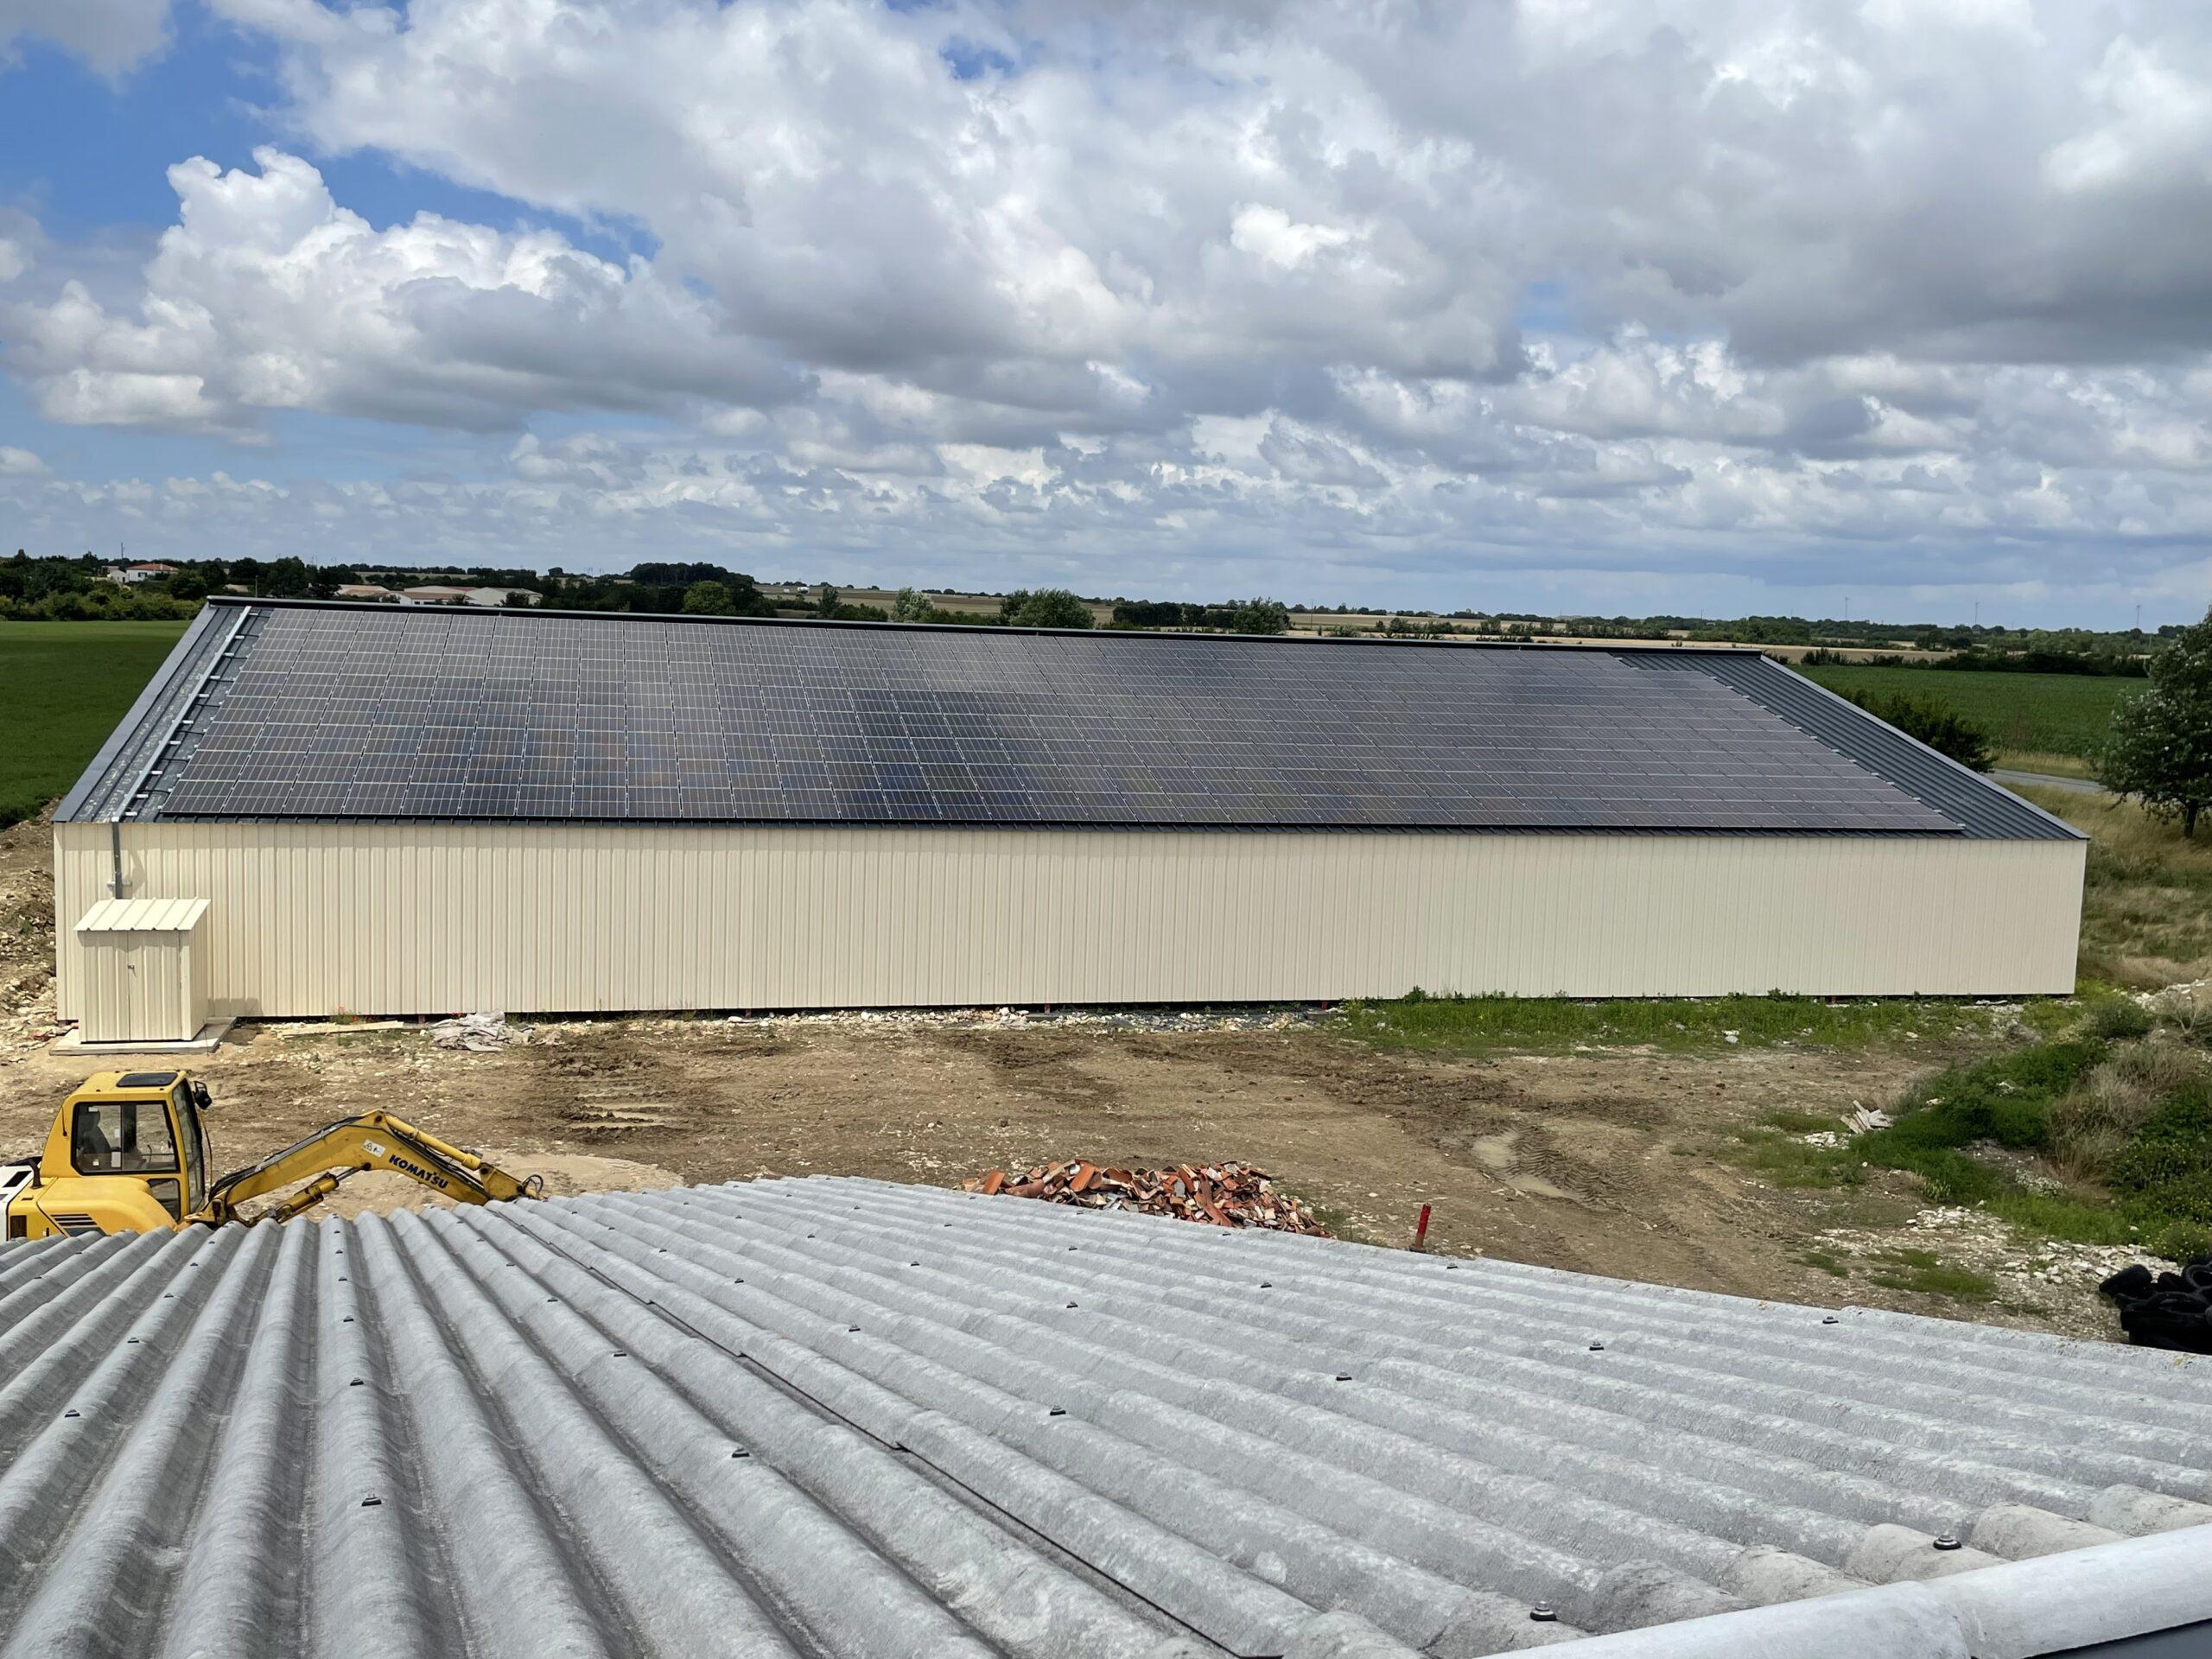 Hangar couvert de panneaux solaires vue depuis le toit d'un autre hangar